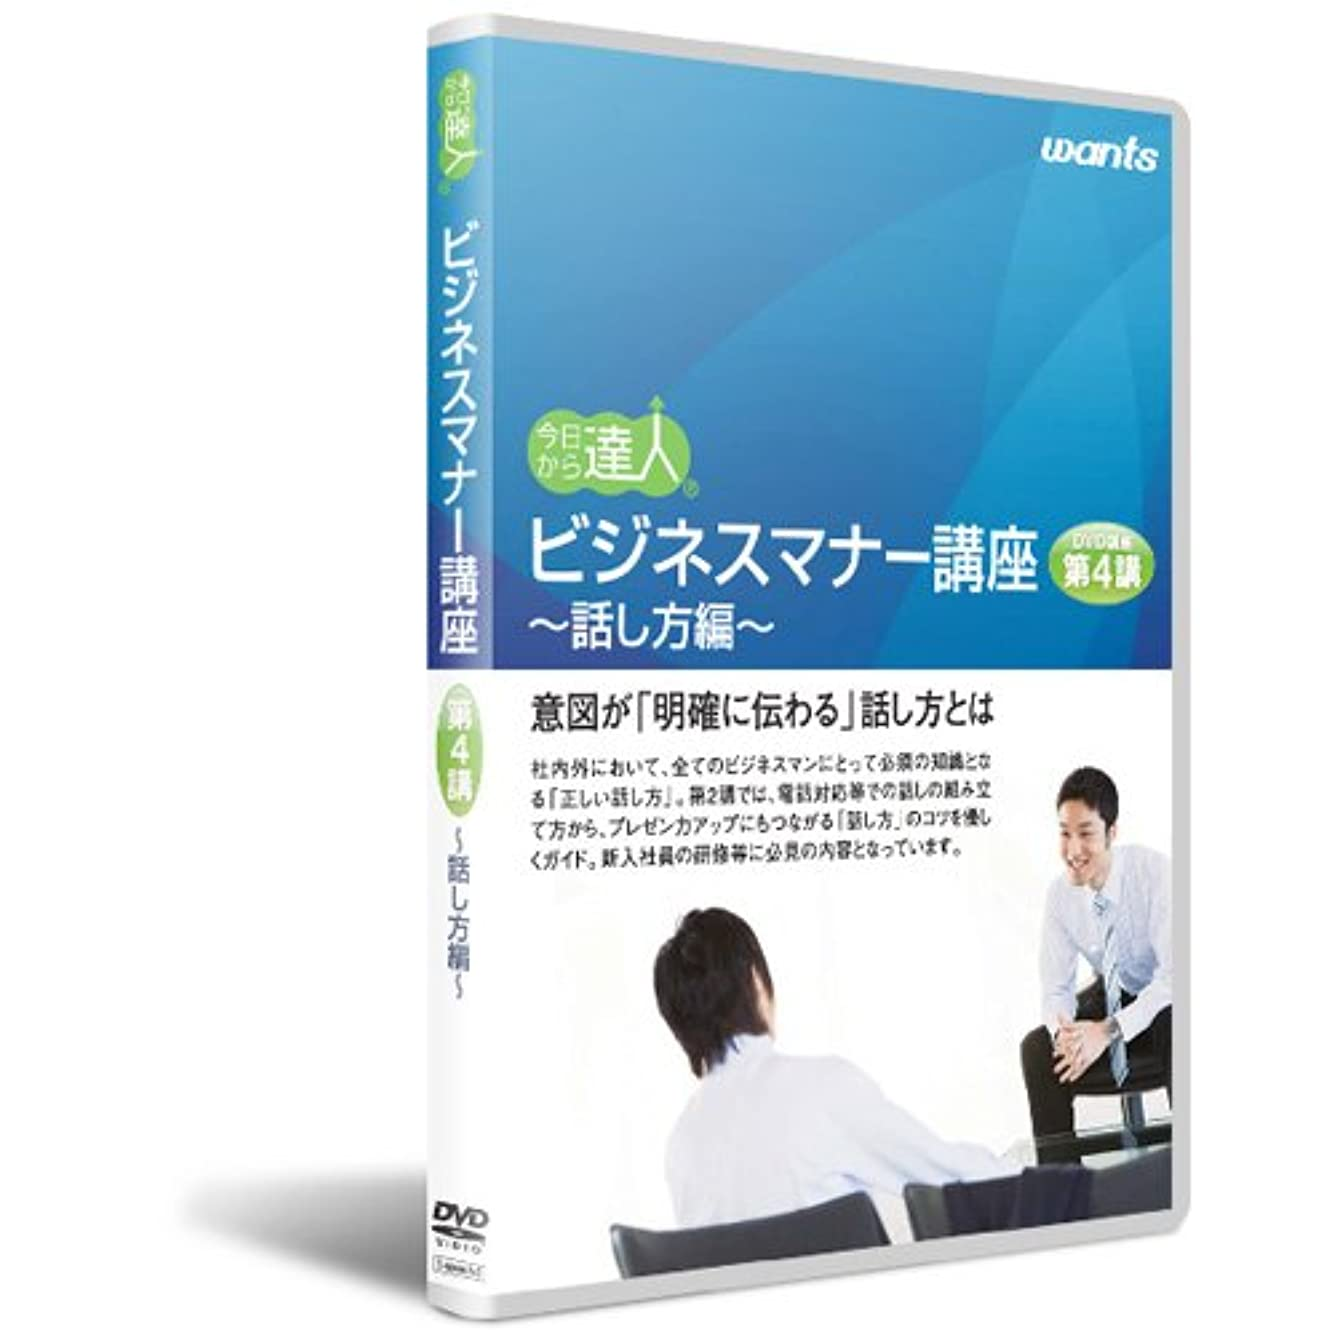 マニュアルリーチ機密ビジネスマナー:DVD講座 第4講 話し方編2